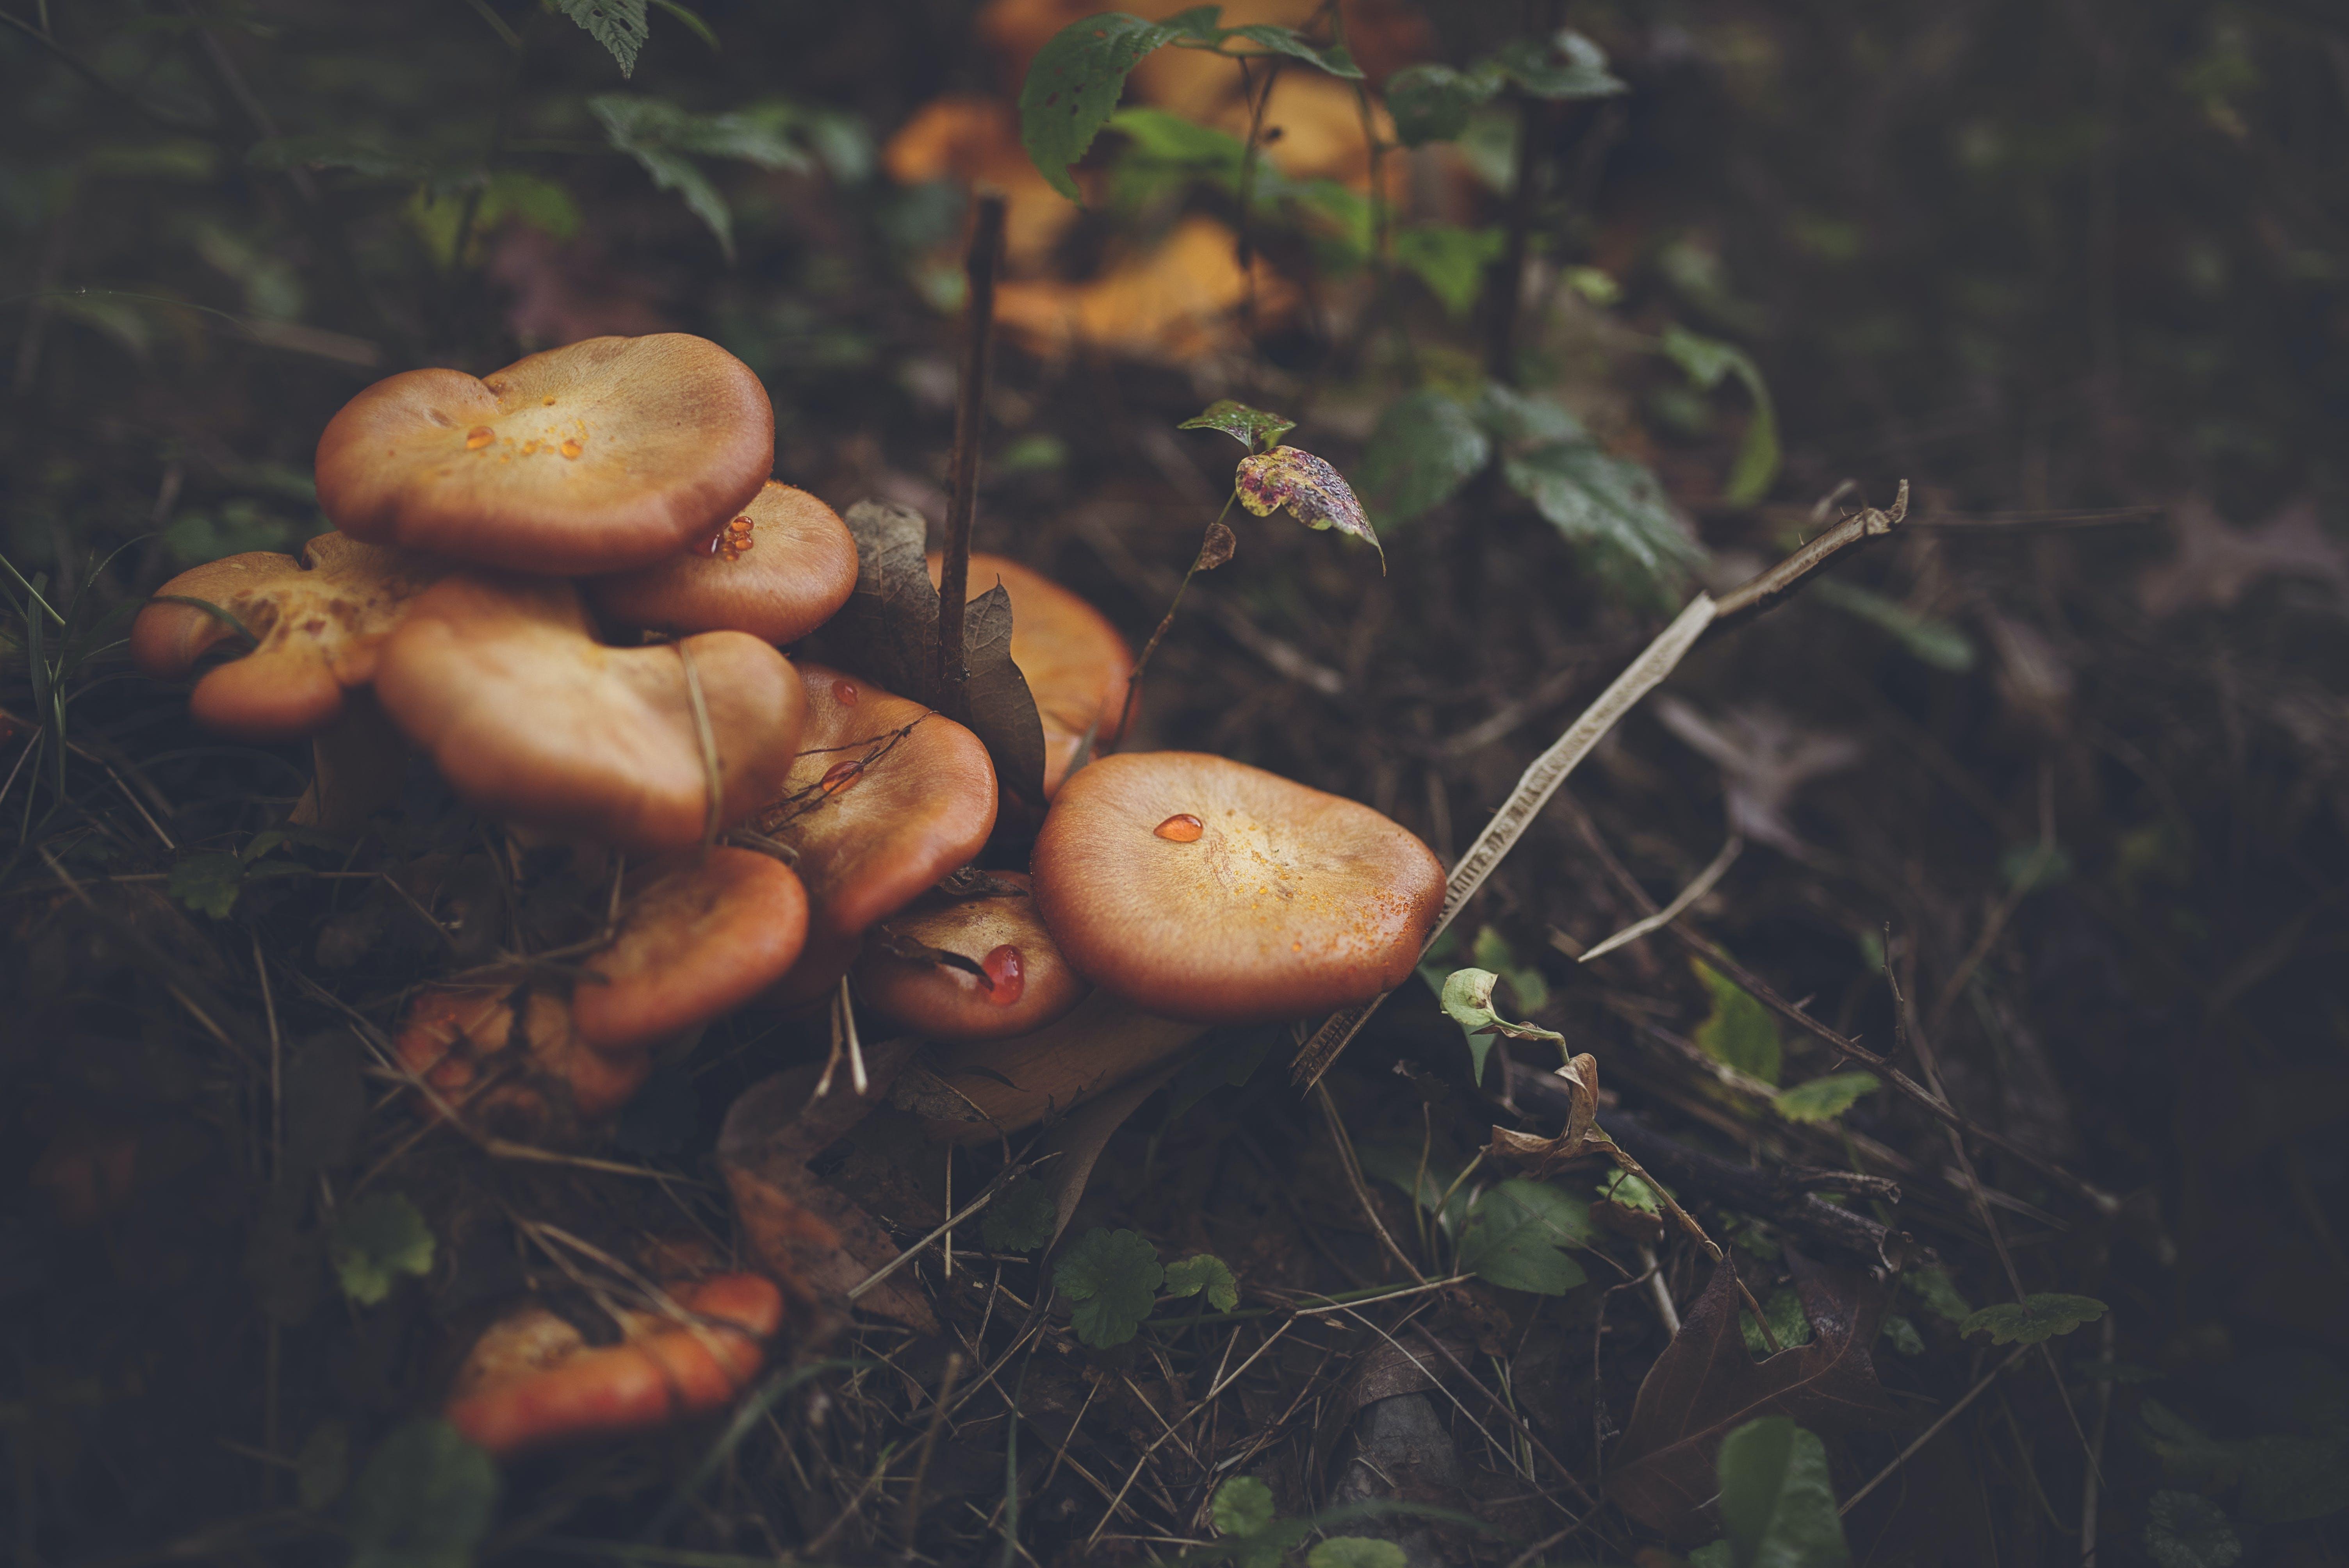 Orange Mushroom on Black Soil